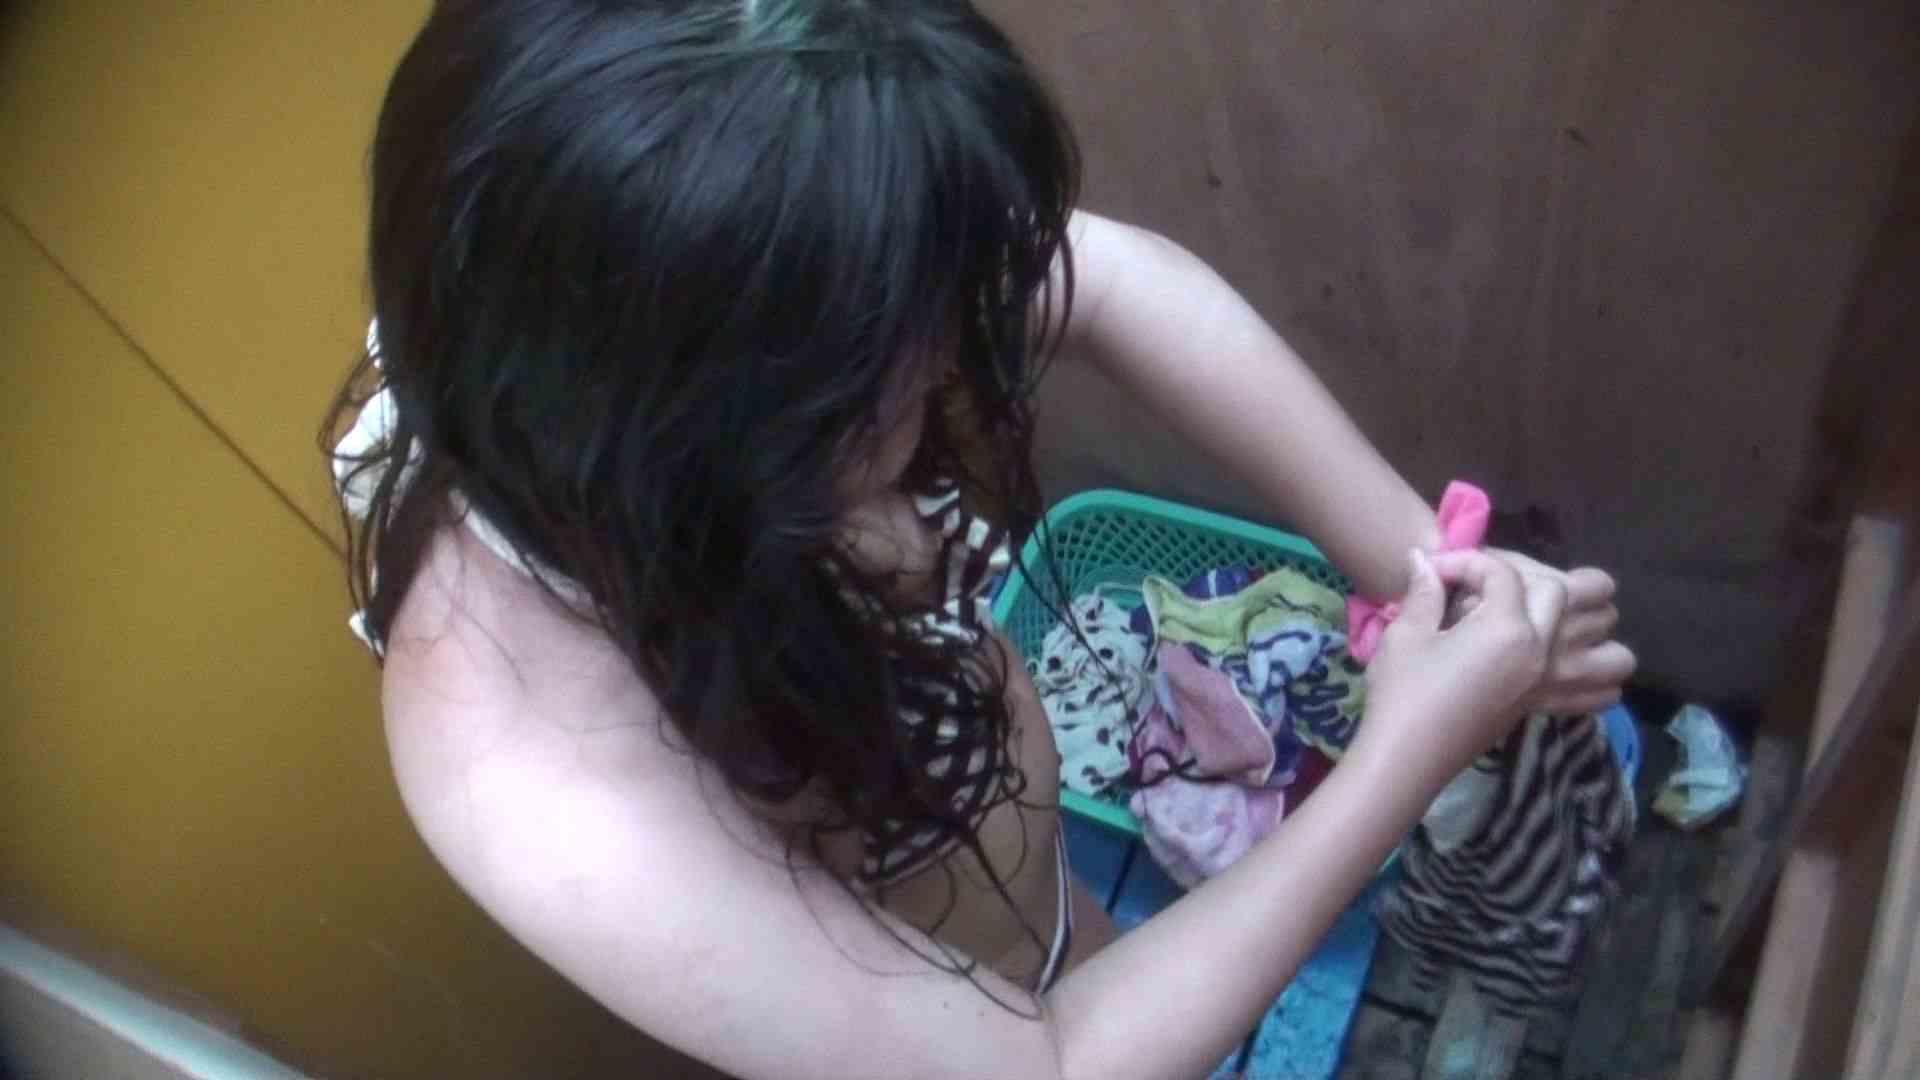 シャワールームは超!!危険な香りVol.13 ムッチムチのいやらしい身体つき シャワー  111pic 32